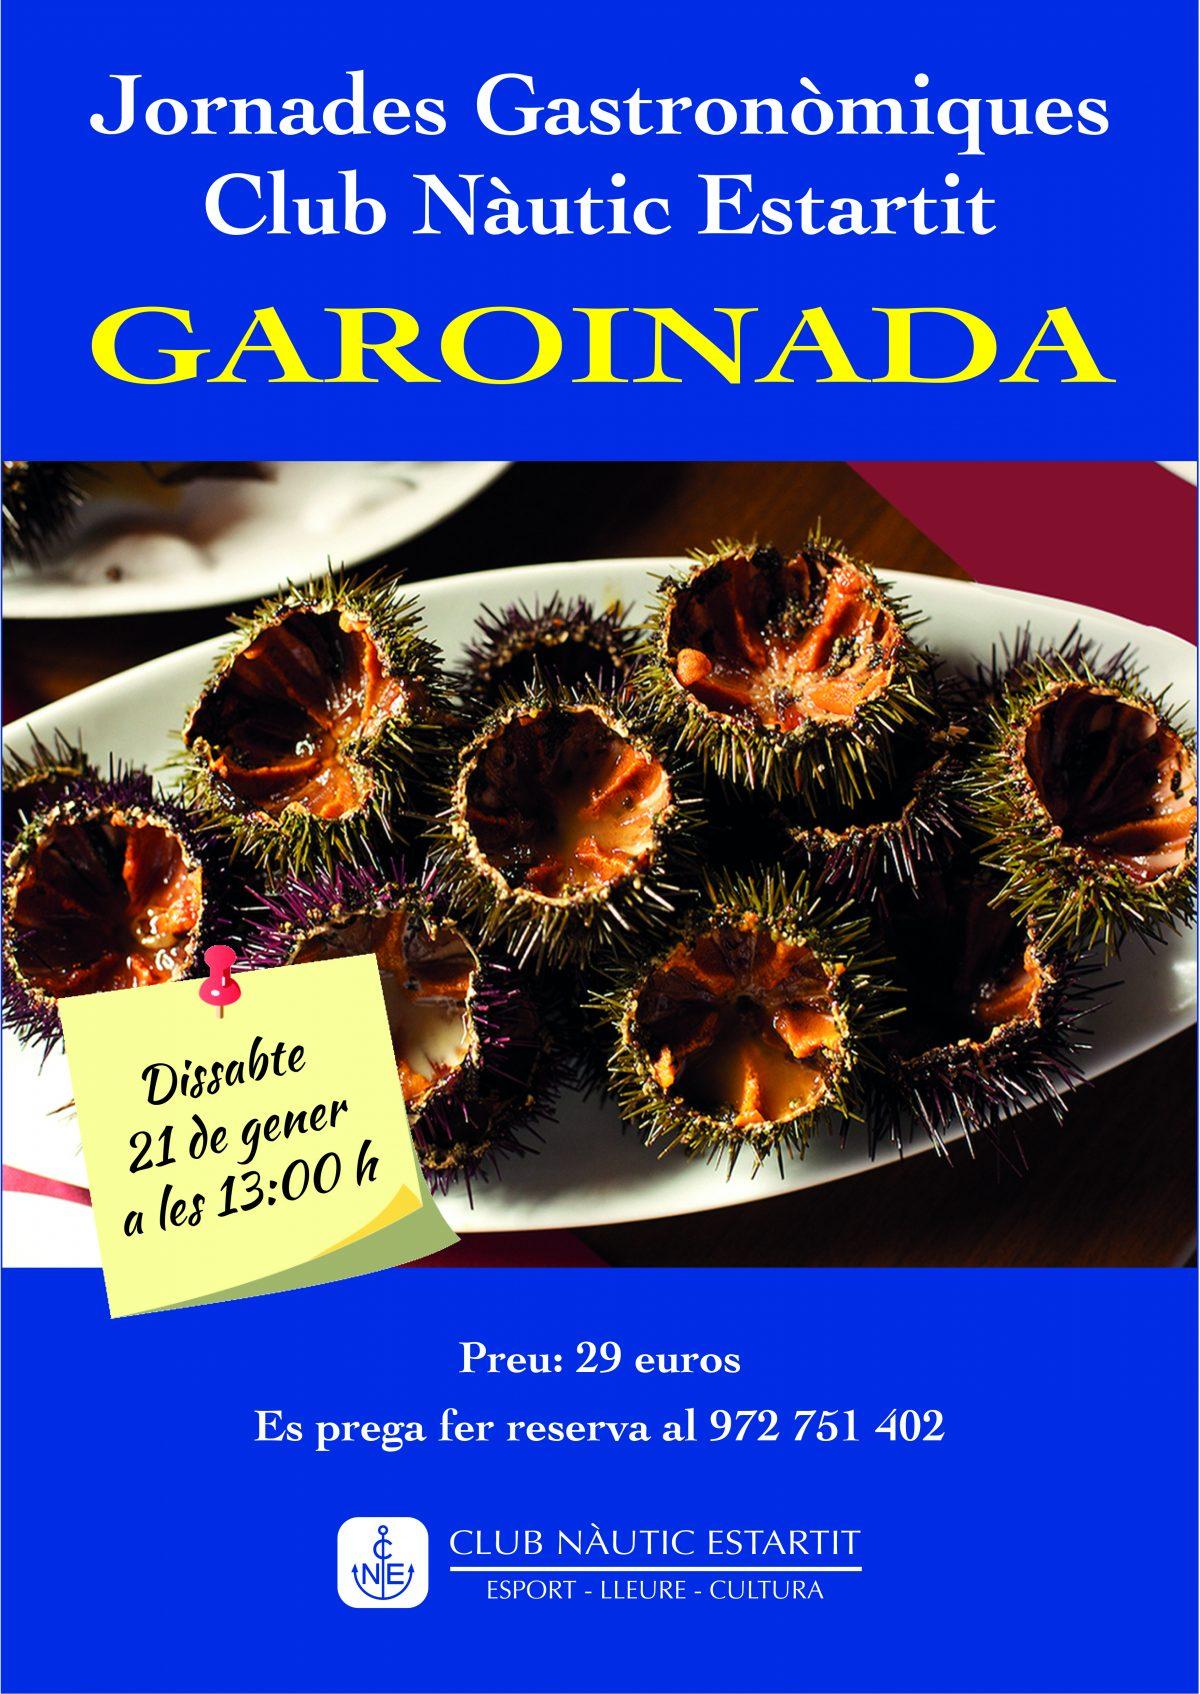 Garoinada 2017